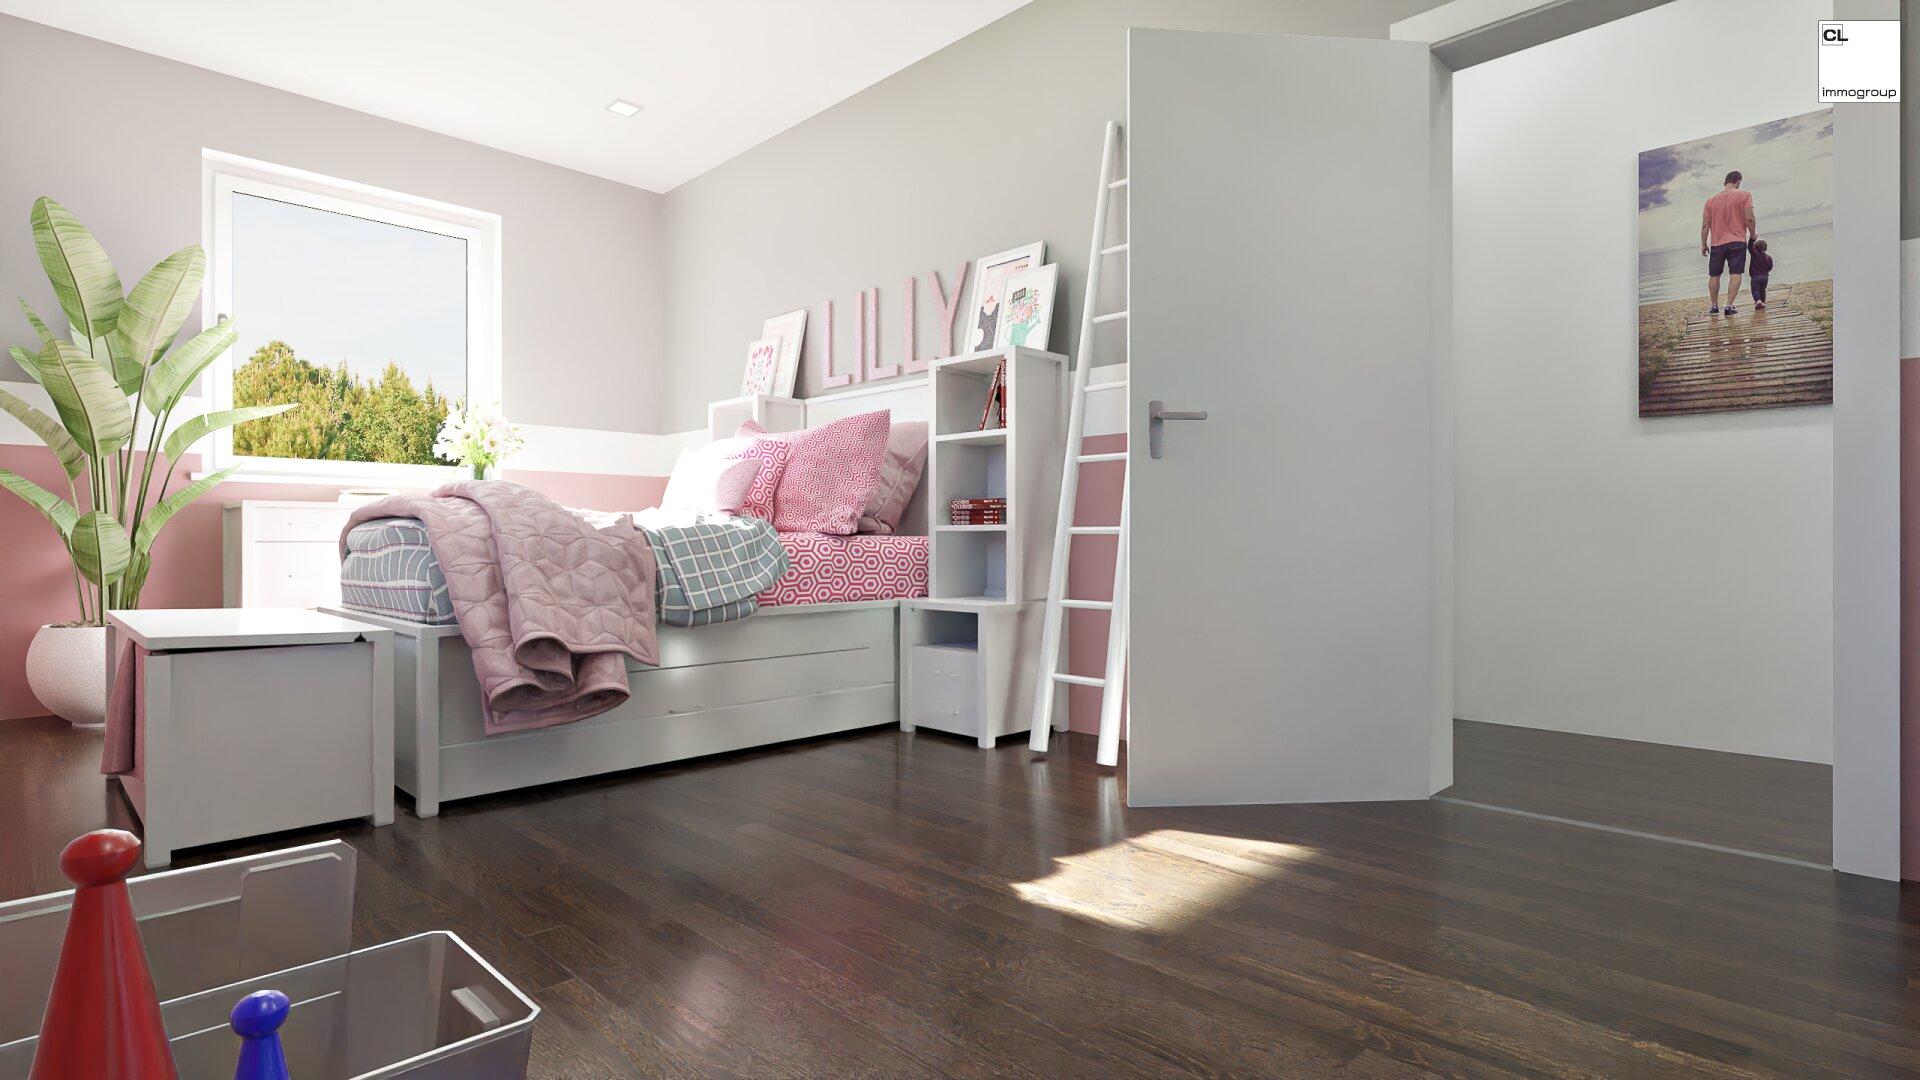 Kinderzimmer (Visualisierung)